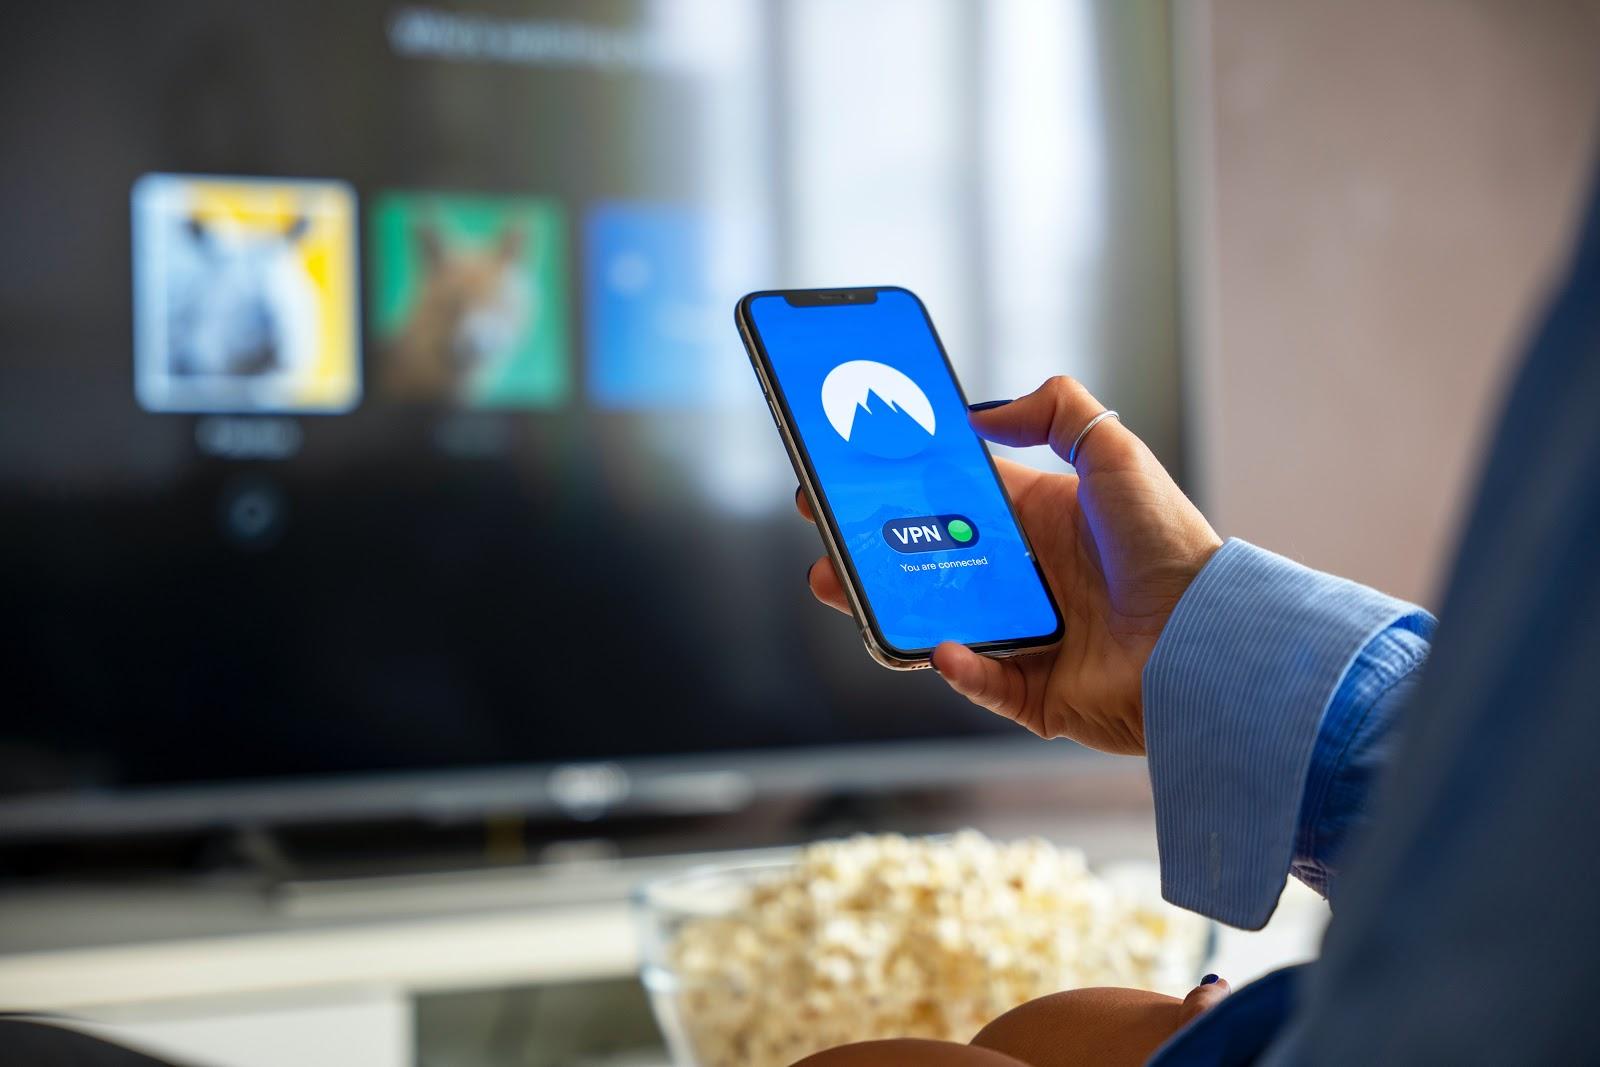 Mujer sujetando un teléfono donde se ve el VPN activado.